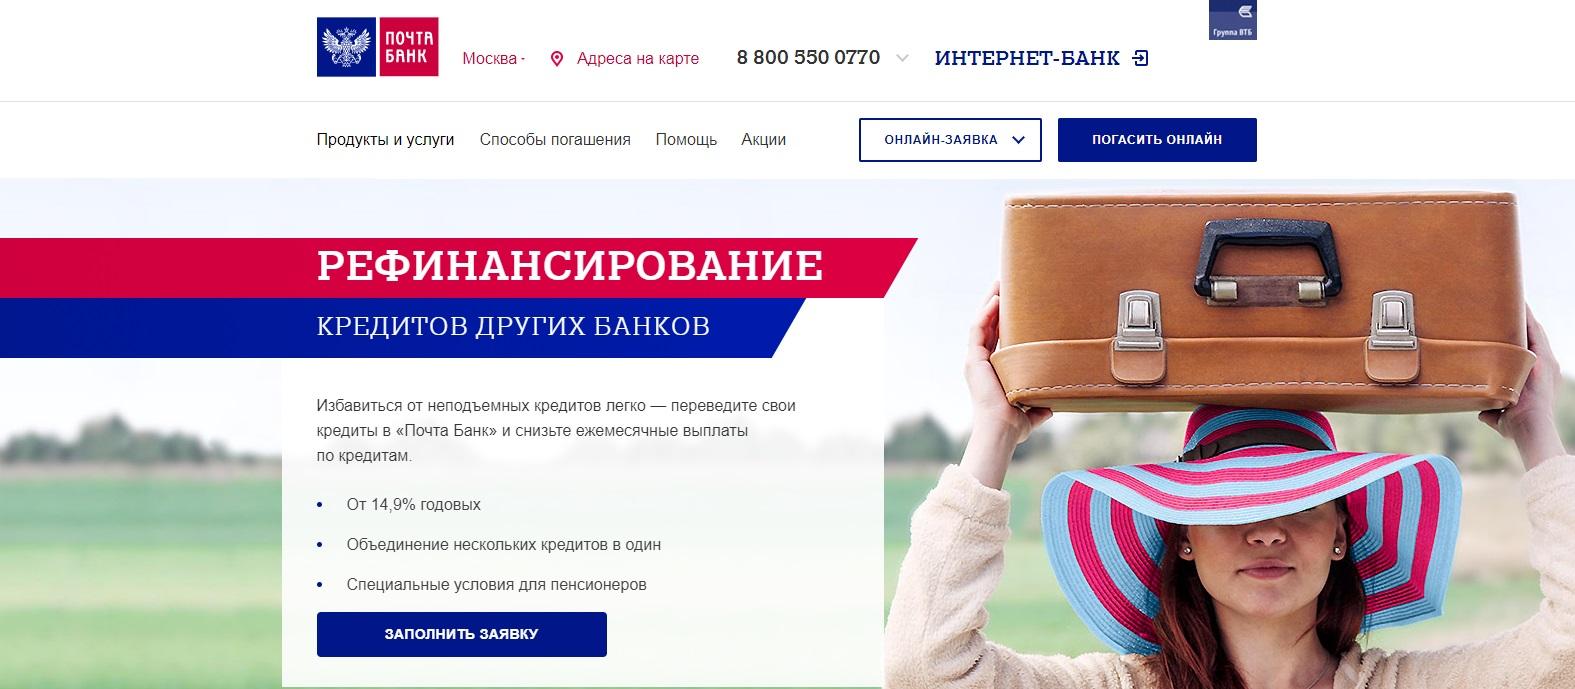 Почта банк – основные условия рефинансирования